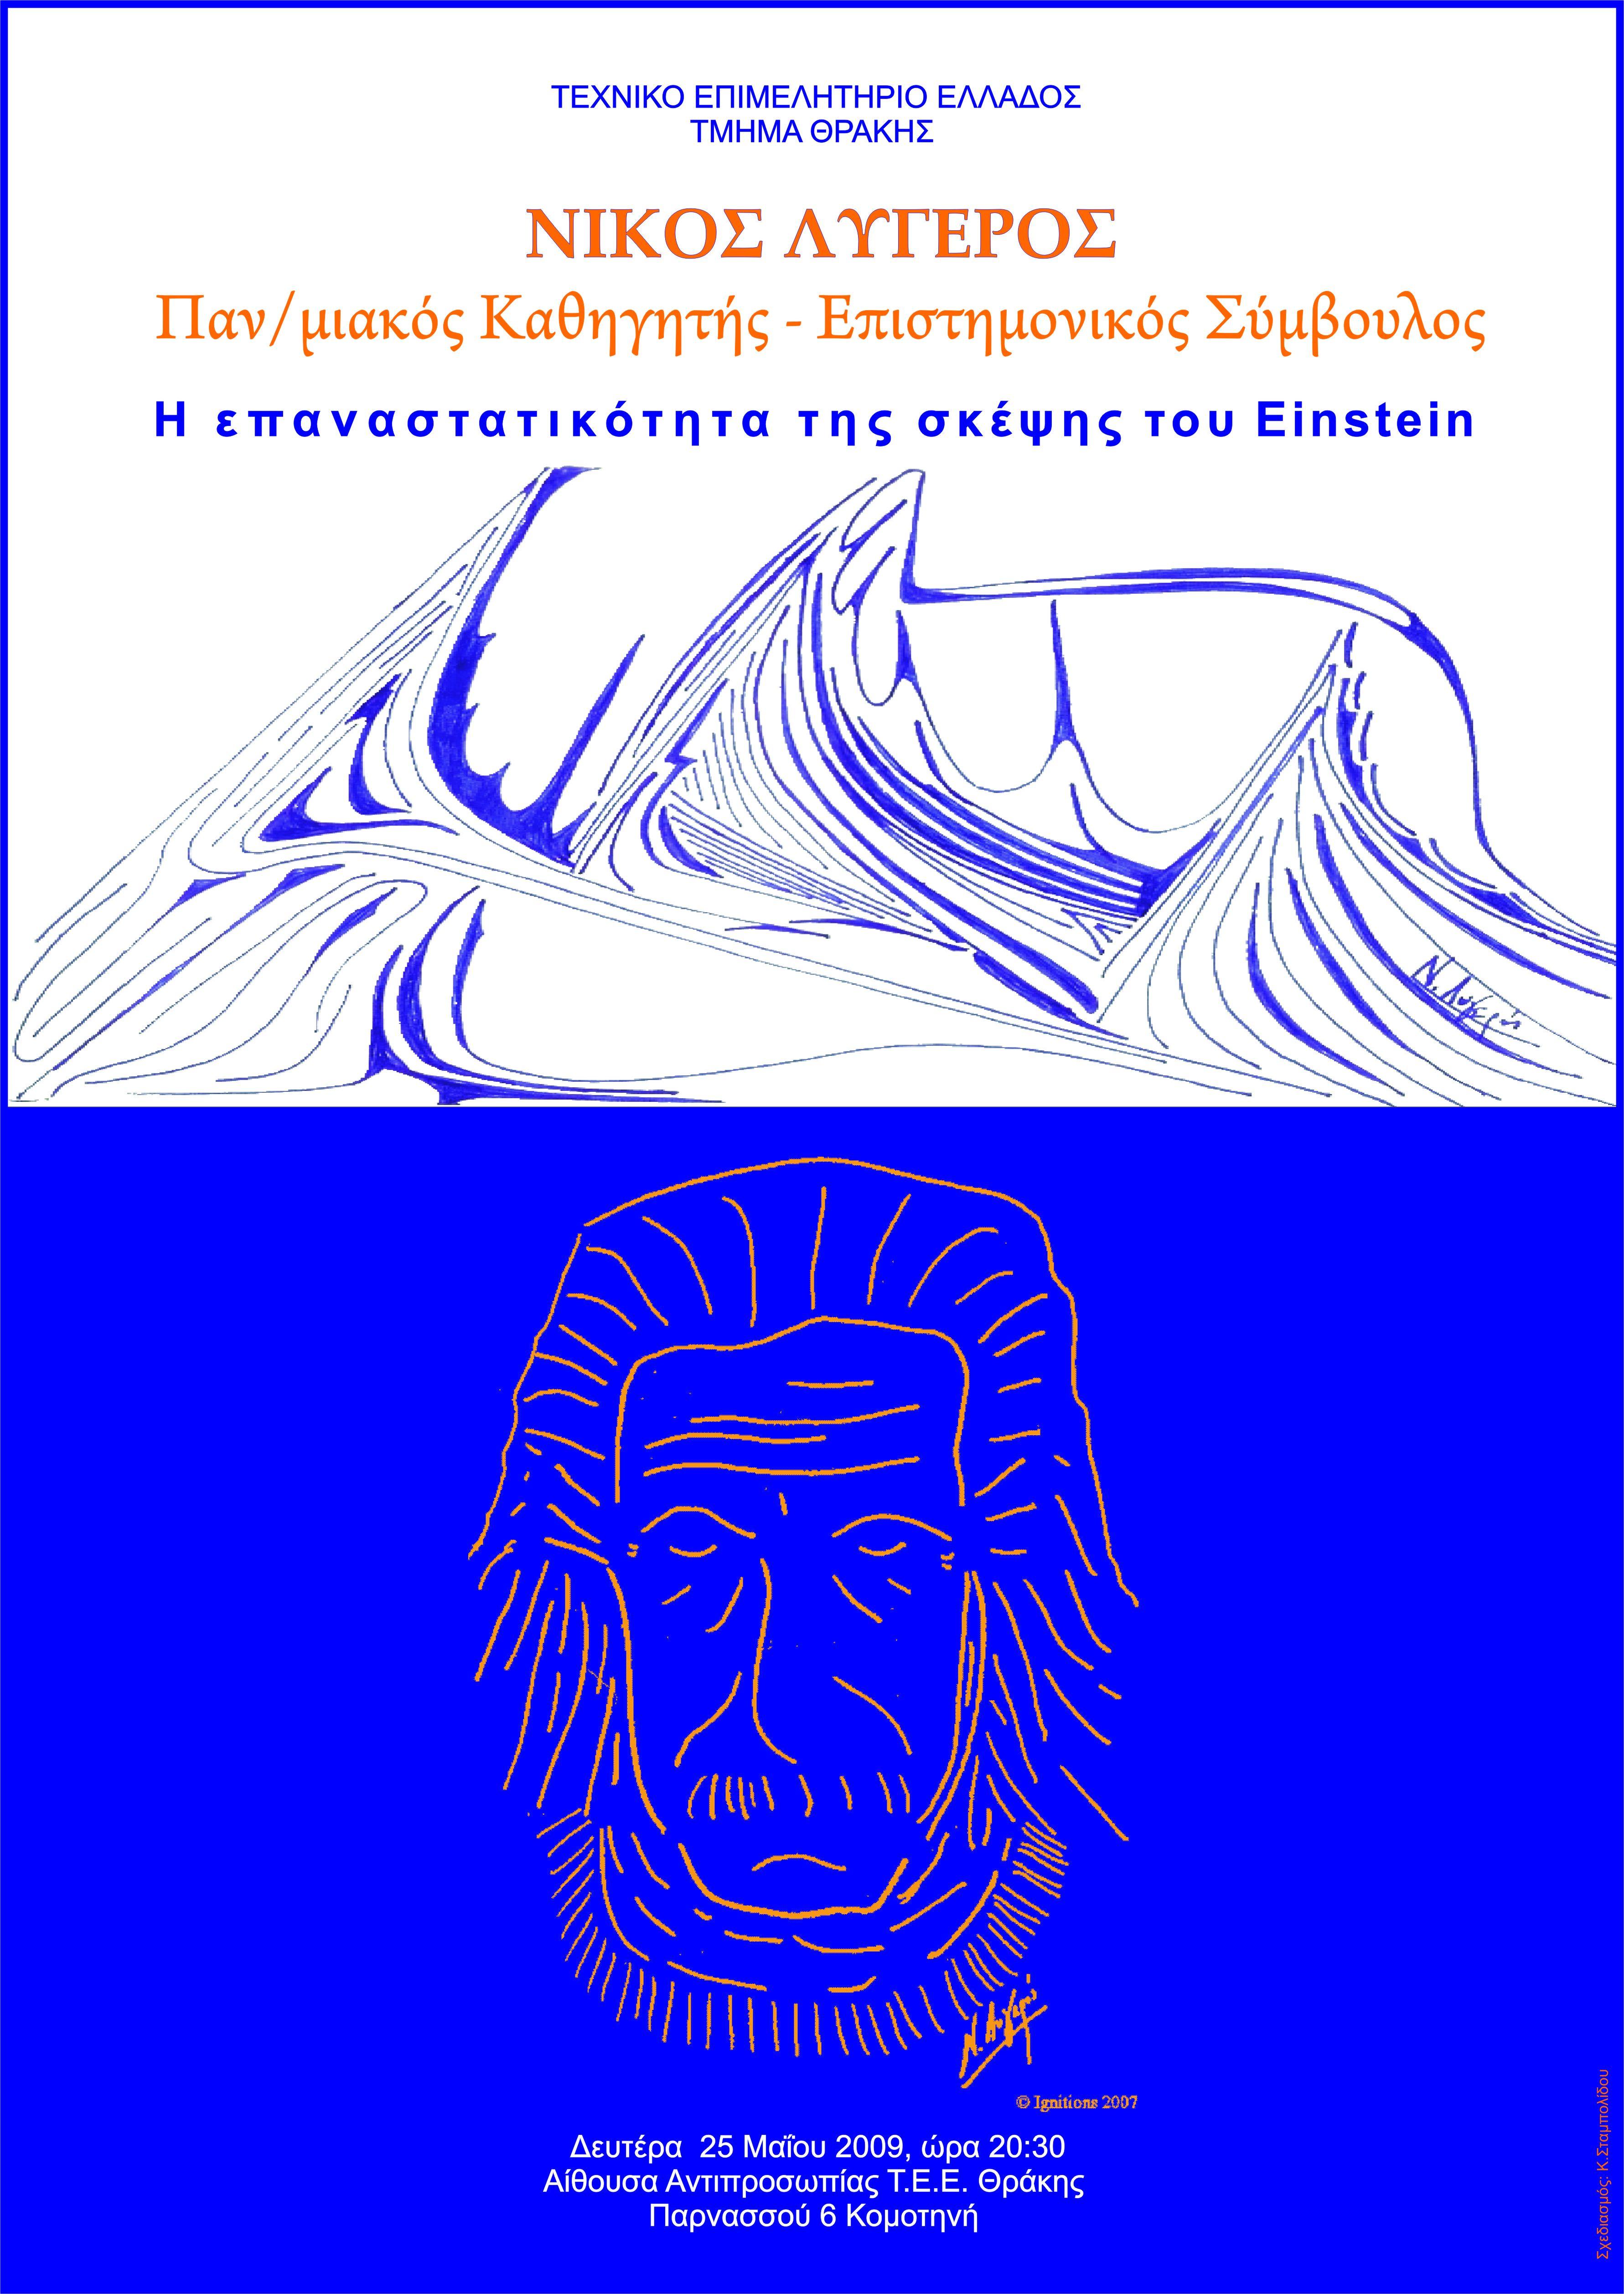 Η επαναστατικότητα της σκέψης του Einstein